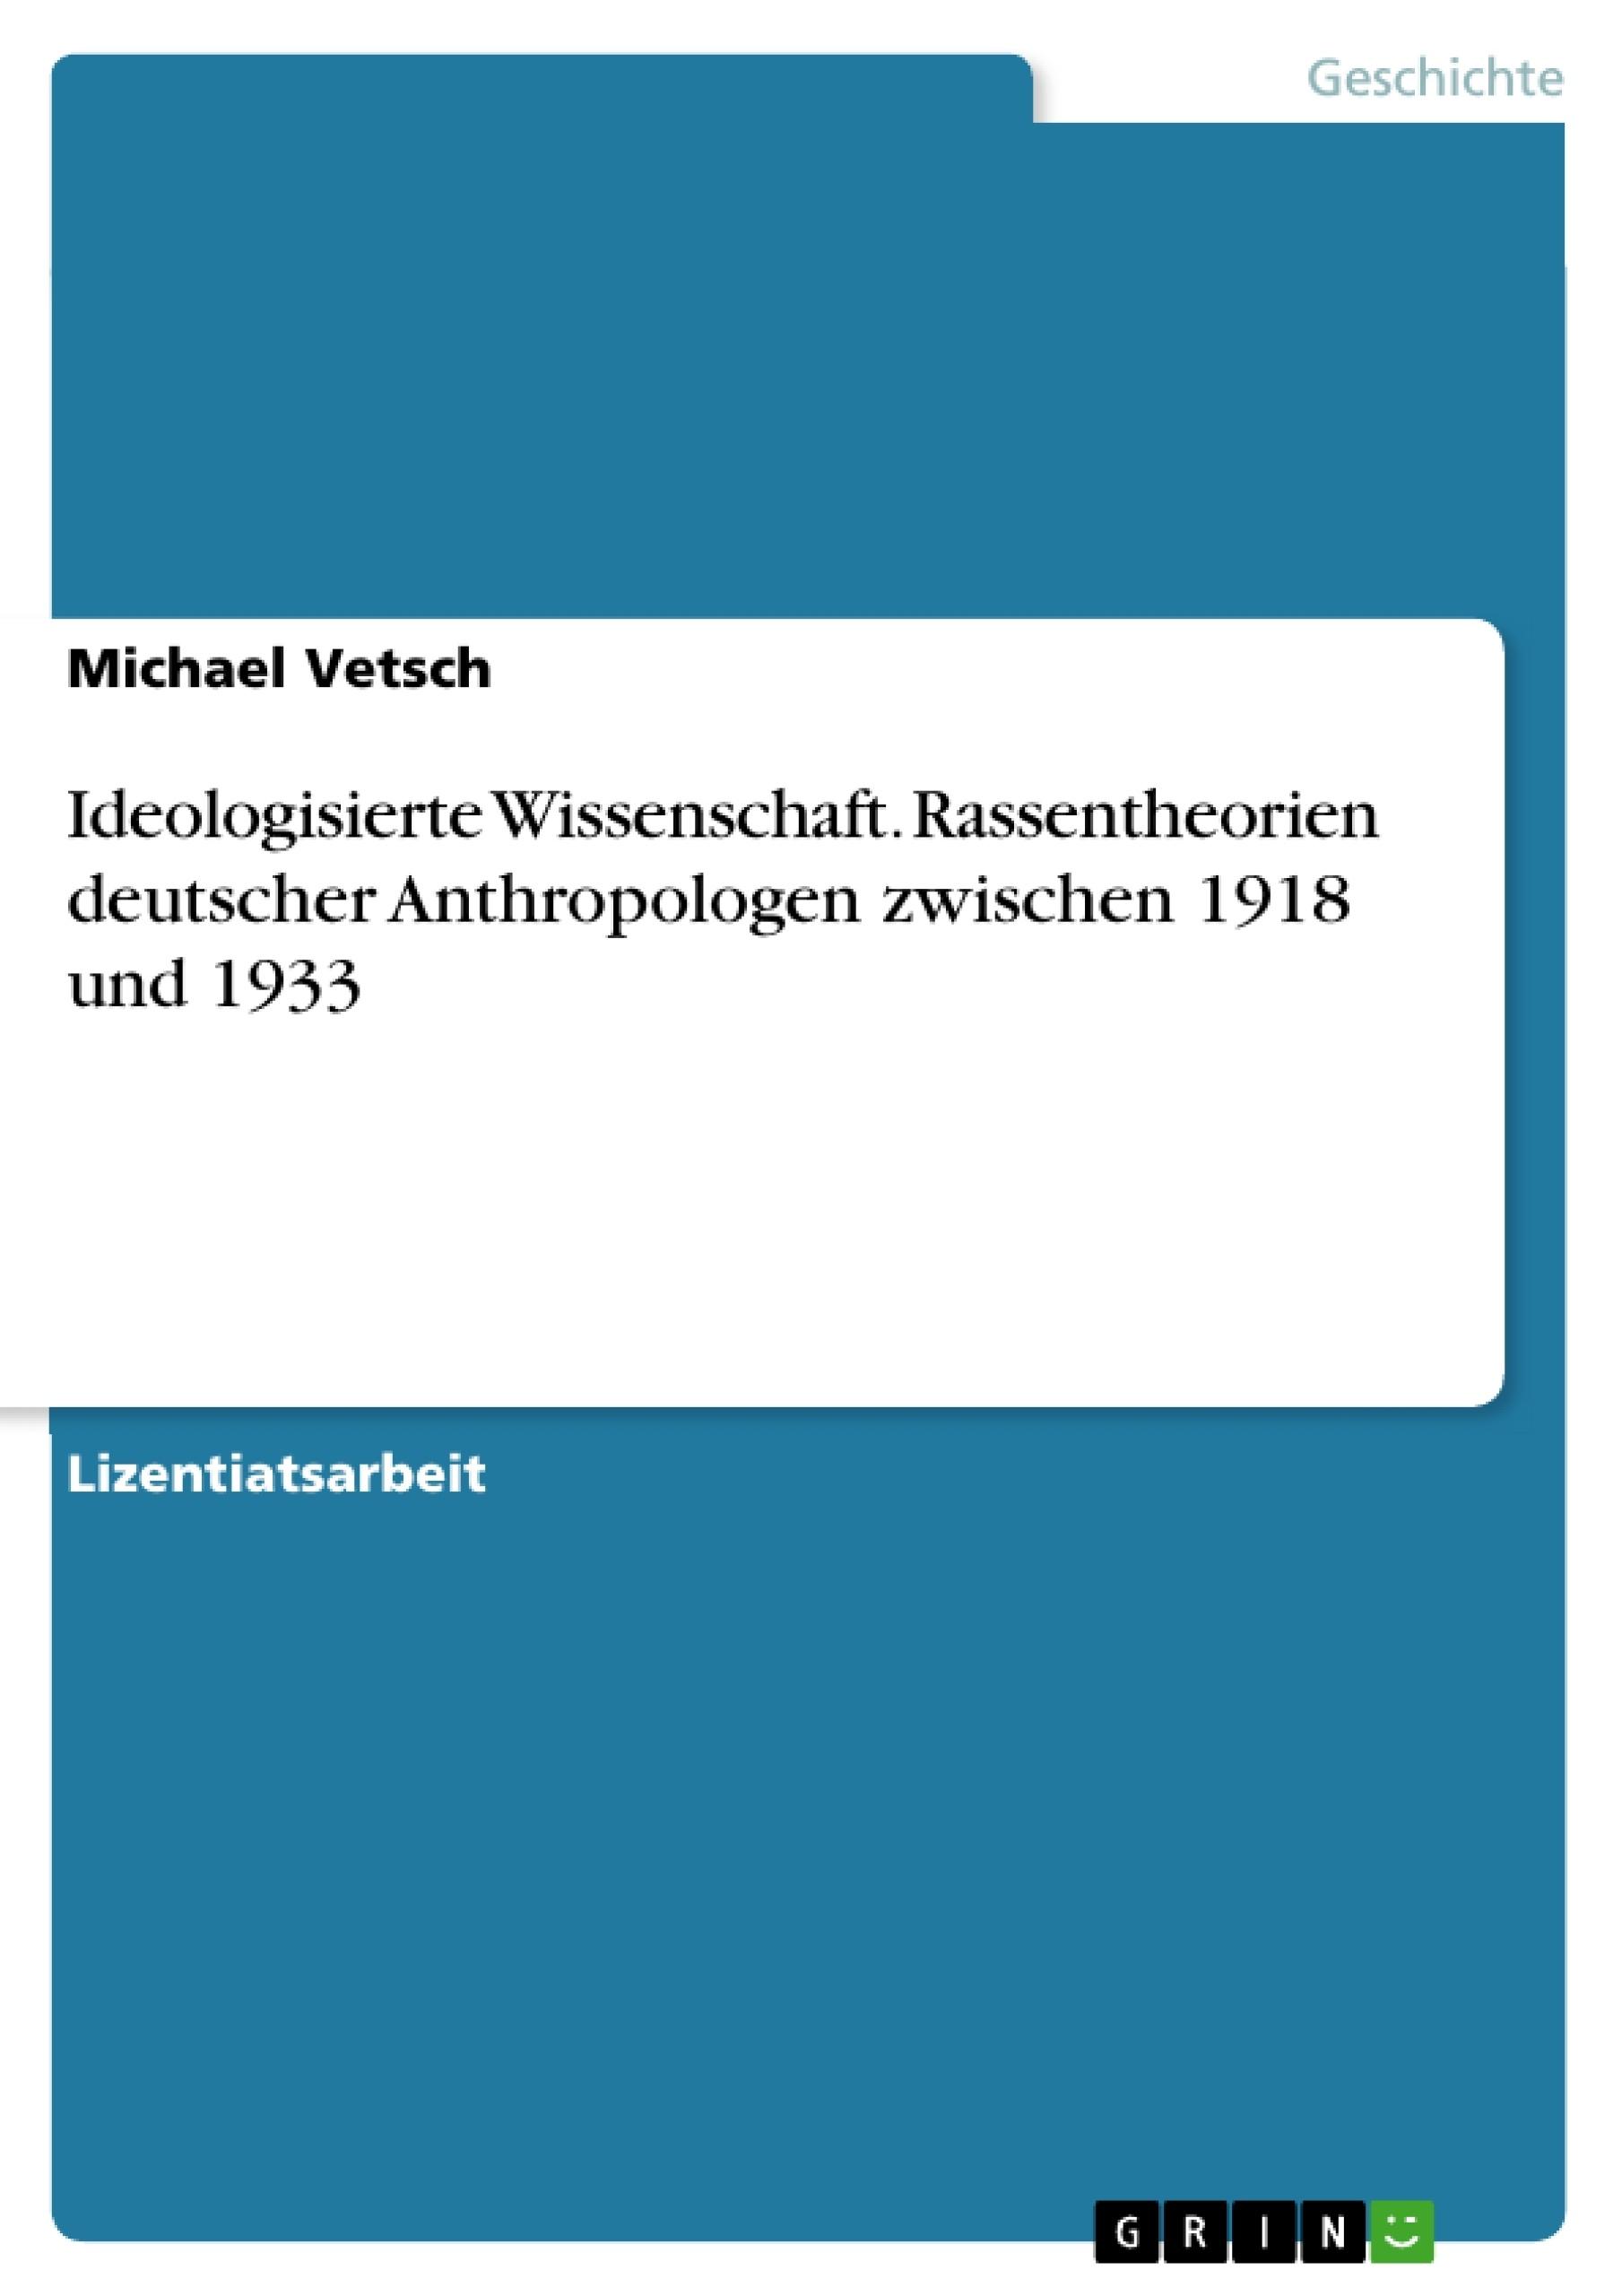 Titel: Ideologisierte Wissenschaft. Rassentheorien deutscher Anthropologen zwischen 1918 und 1933